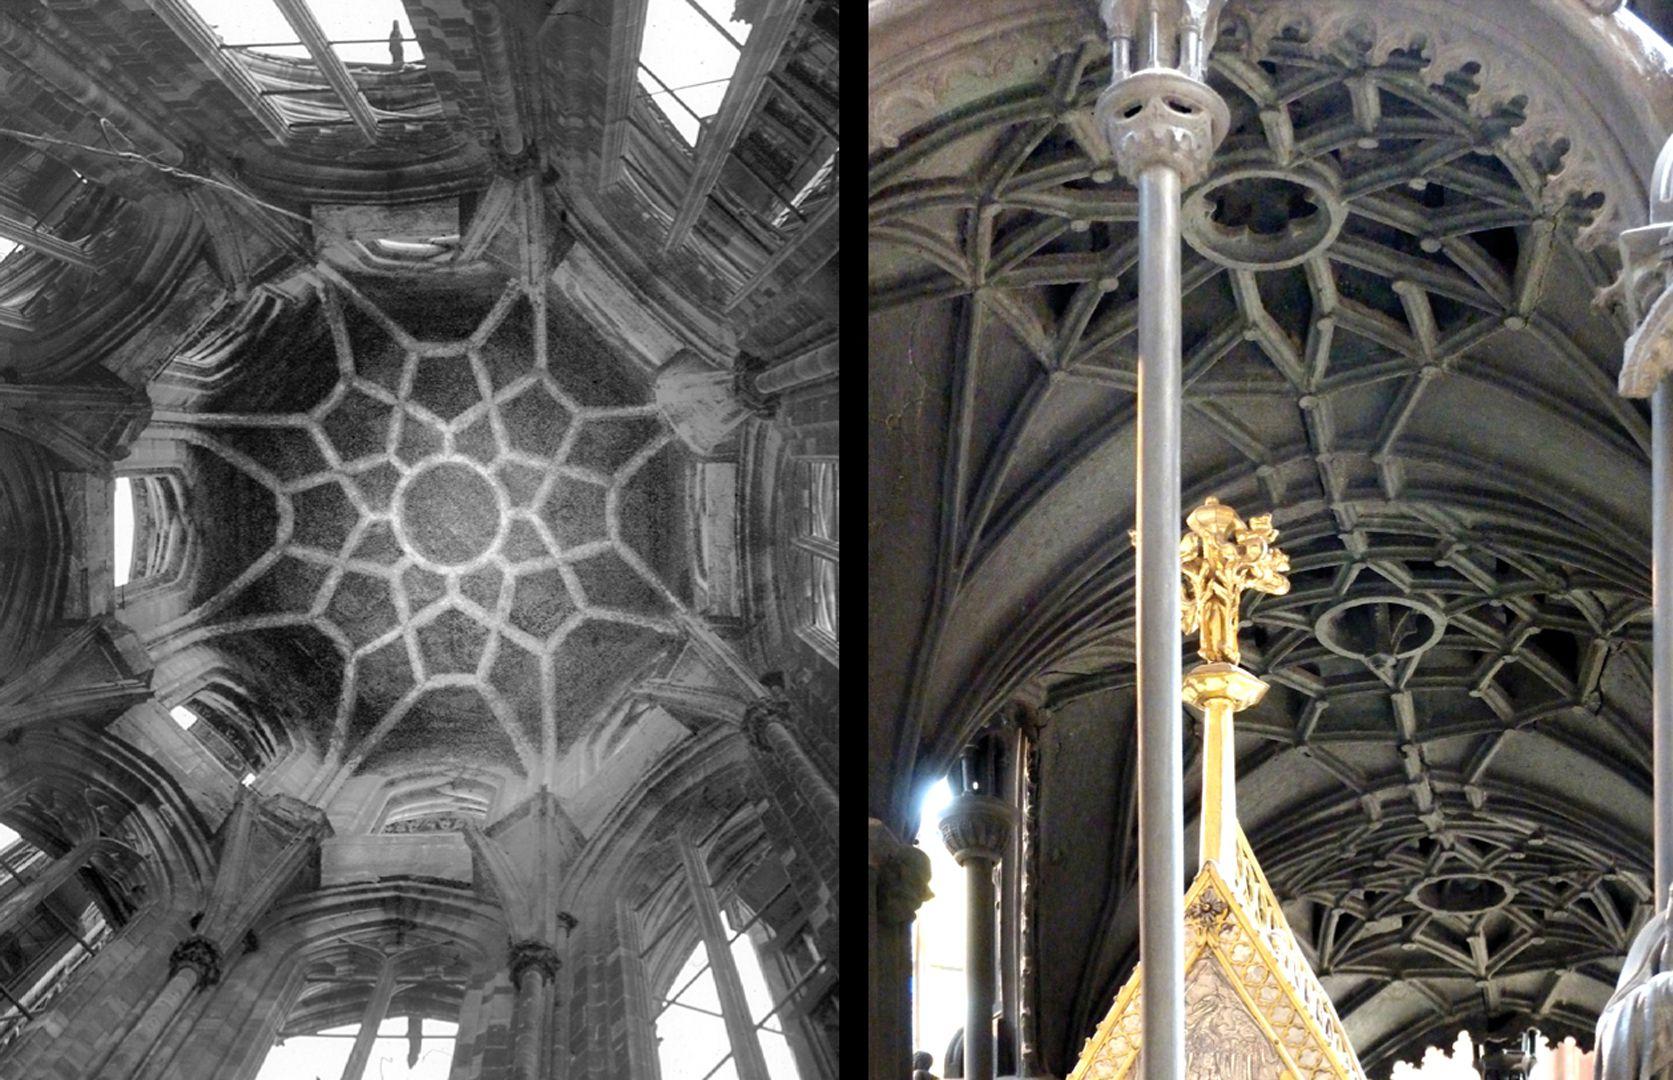 St. Sebaldus Tomb Die gotischen Luftrippen vom Sebaldusgrab (Foto rechts) gehen letztlich auf die Luftrippen des Ulrich von Ensingen von 1419 im Nordturm des Straßburger Münsters (Foto links) zurück.